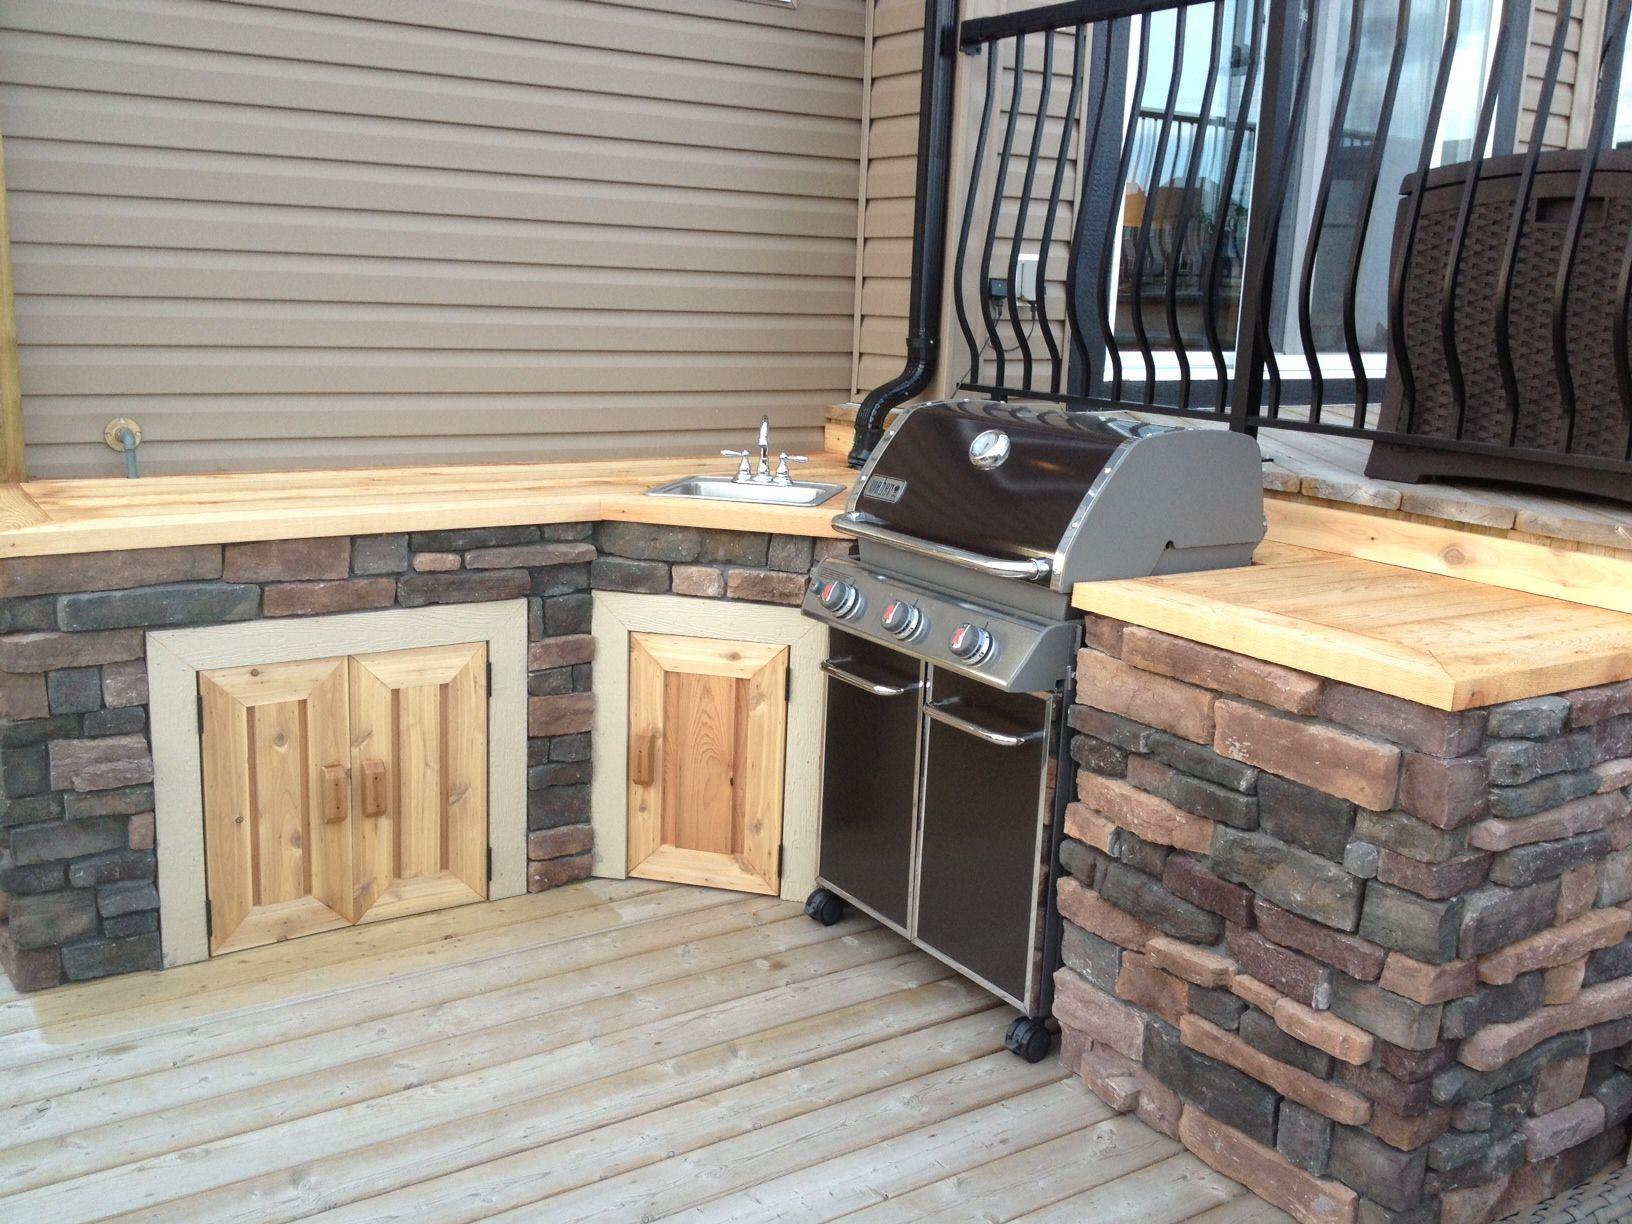 Outdoor Kitchen With Cedar & Cultured Stone Wwwthelittledeckerca Simple Outdoor Kitchen Bar Designs Design Inspiration